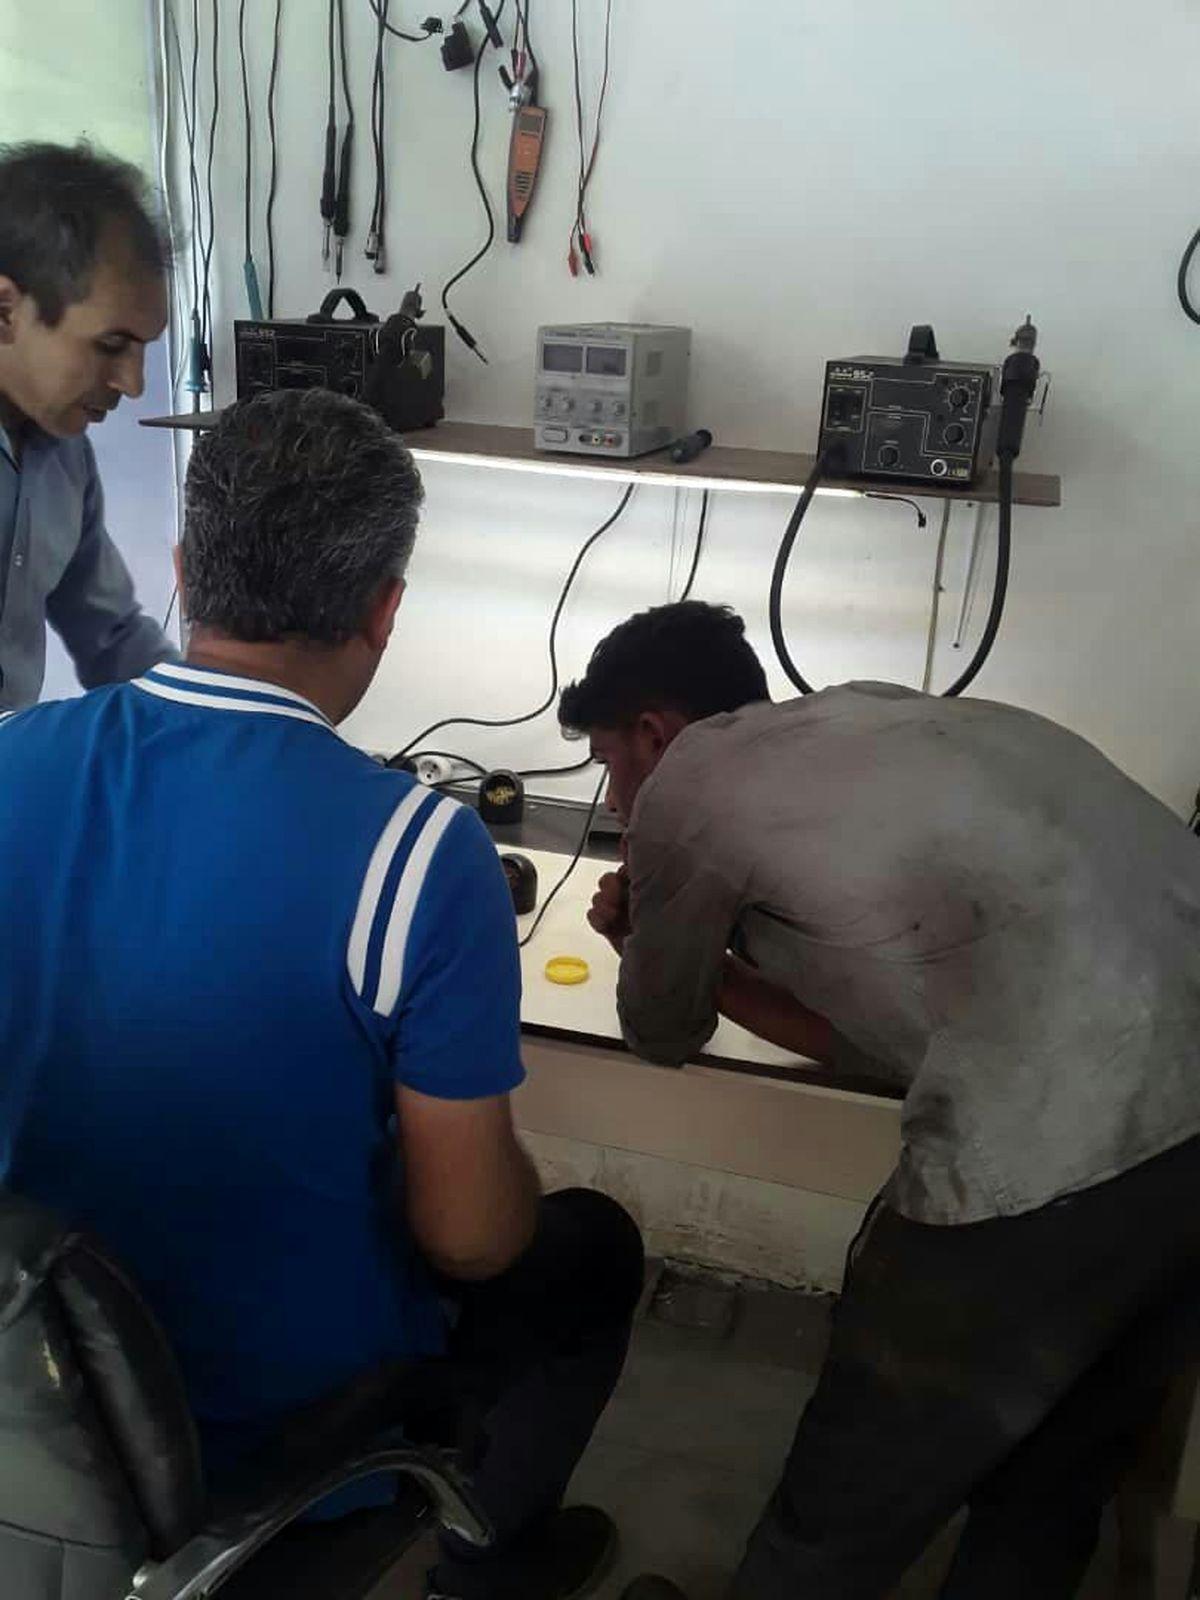 راه اندازی اولین مرکز مهارت آموزی ویژه کودکان کار در تهران